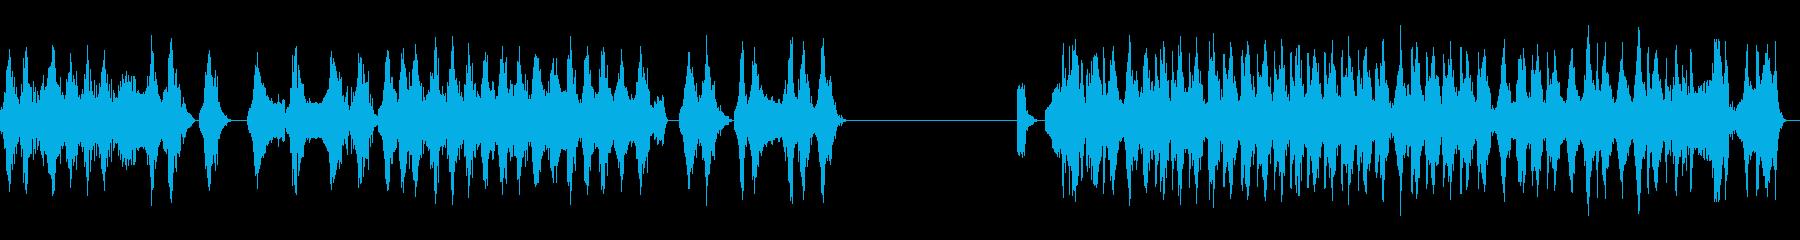 VOLTRAX SPACE VOI...の再生済みの波形